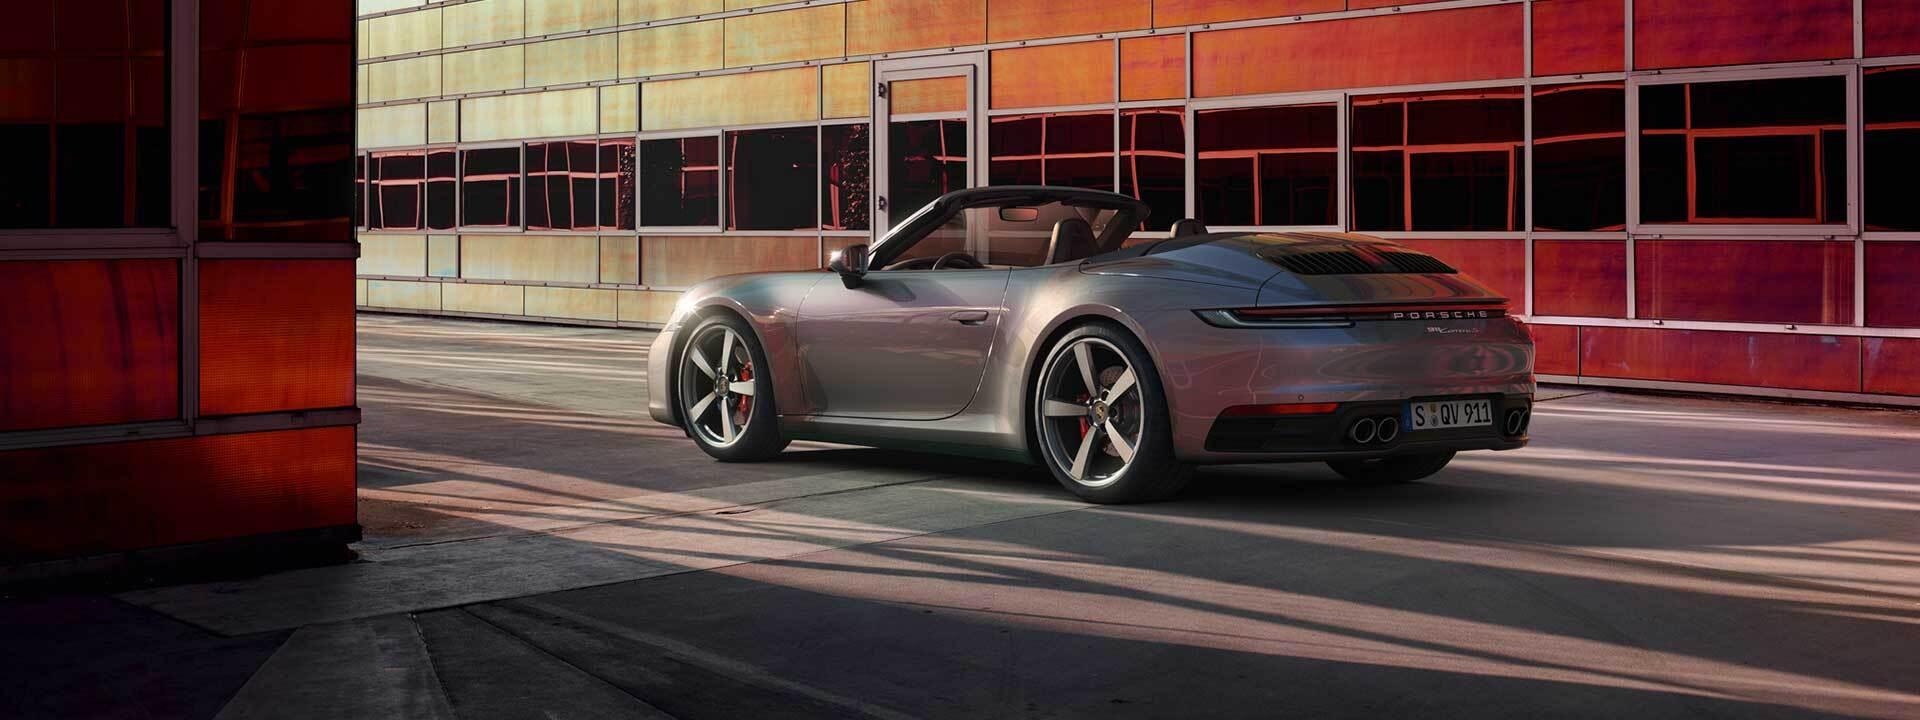 A Porsche in Newark, DE